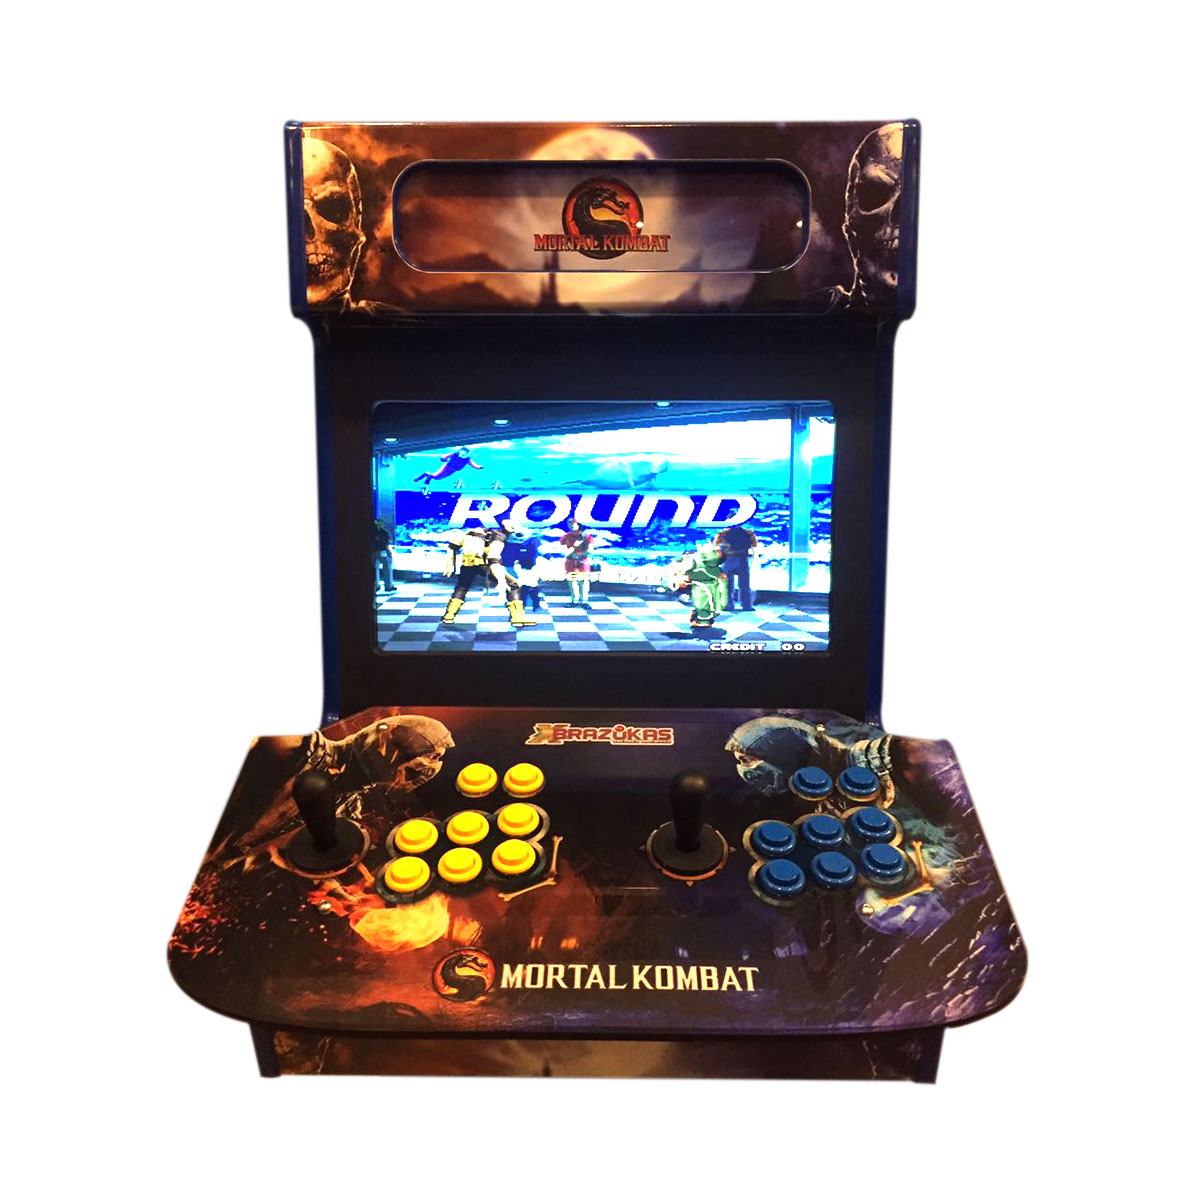 Máquina Fliperama (Controle Duplo Arcade) com Tela e desenho do Mortal Kombat